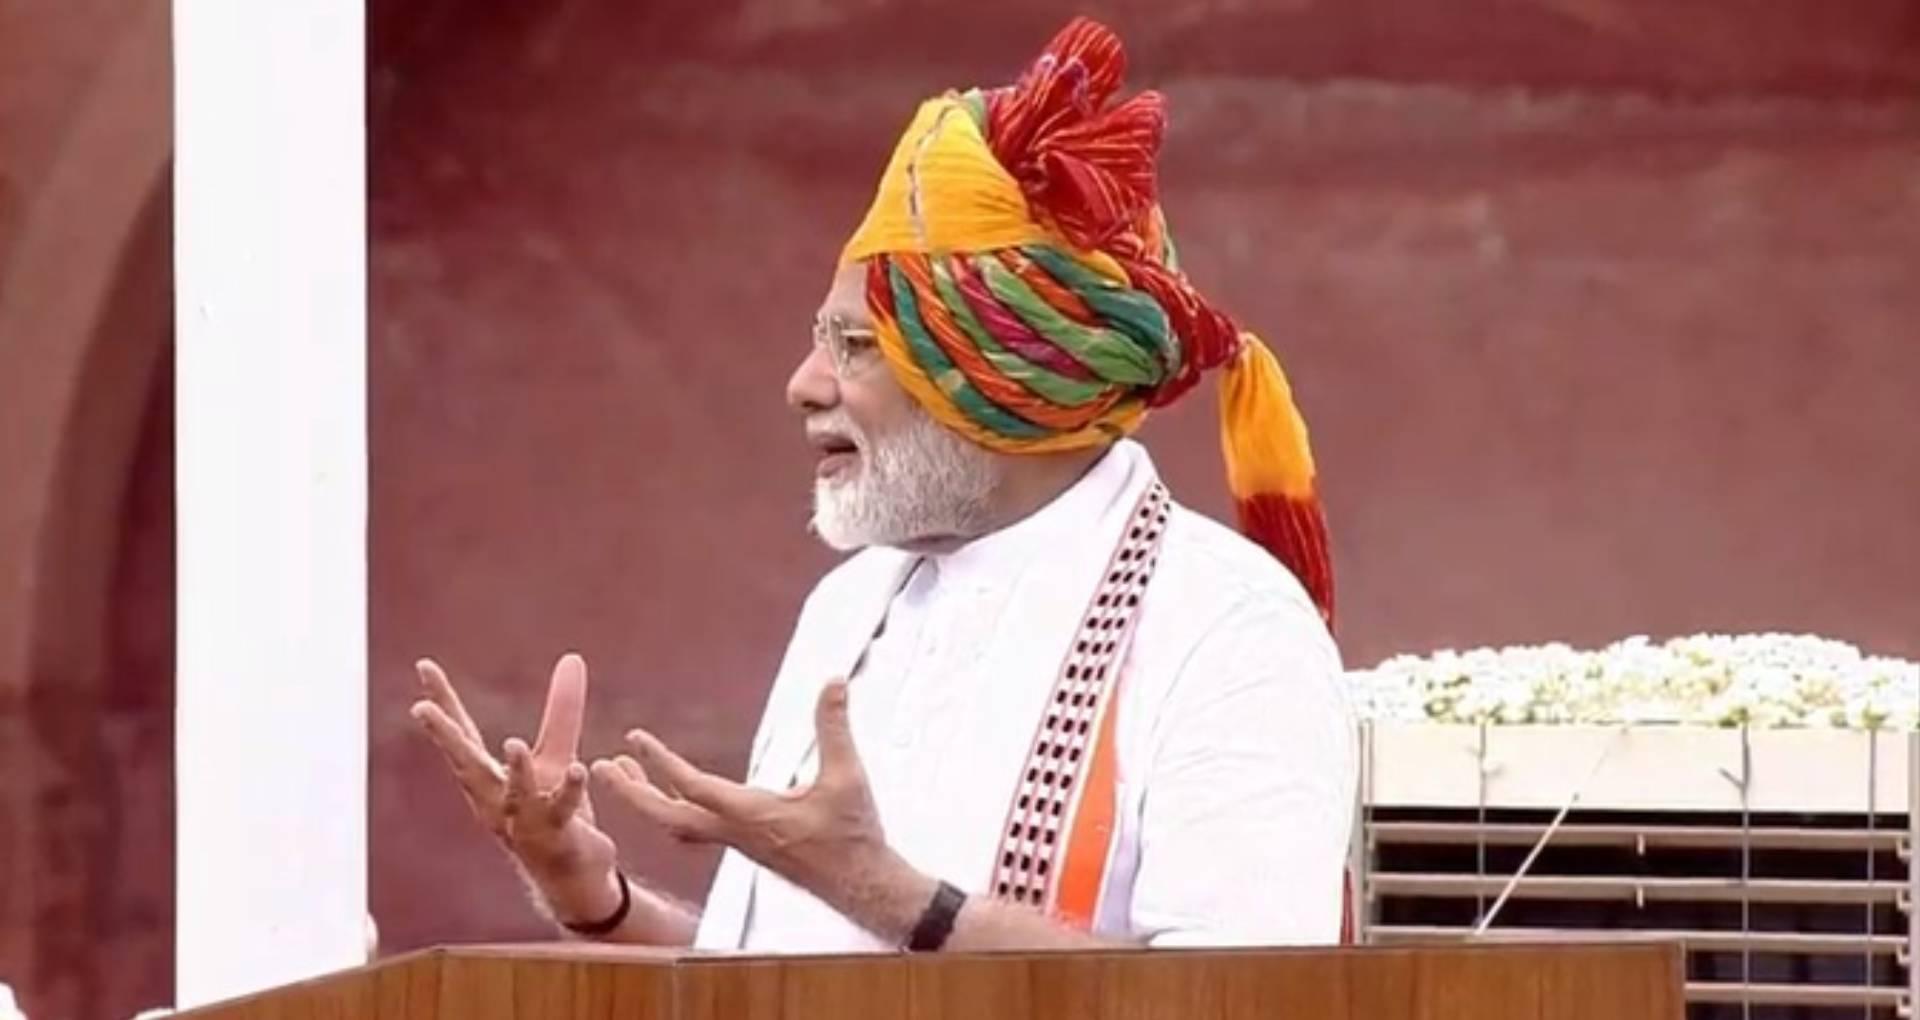 Independence Day 2019: पीएम नरेंद्र मोदी ने देश को किए कई वादे, पानी बचाने के लिए कही ये बातें